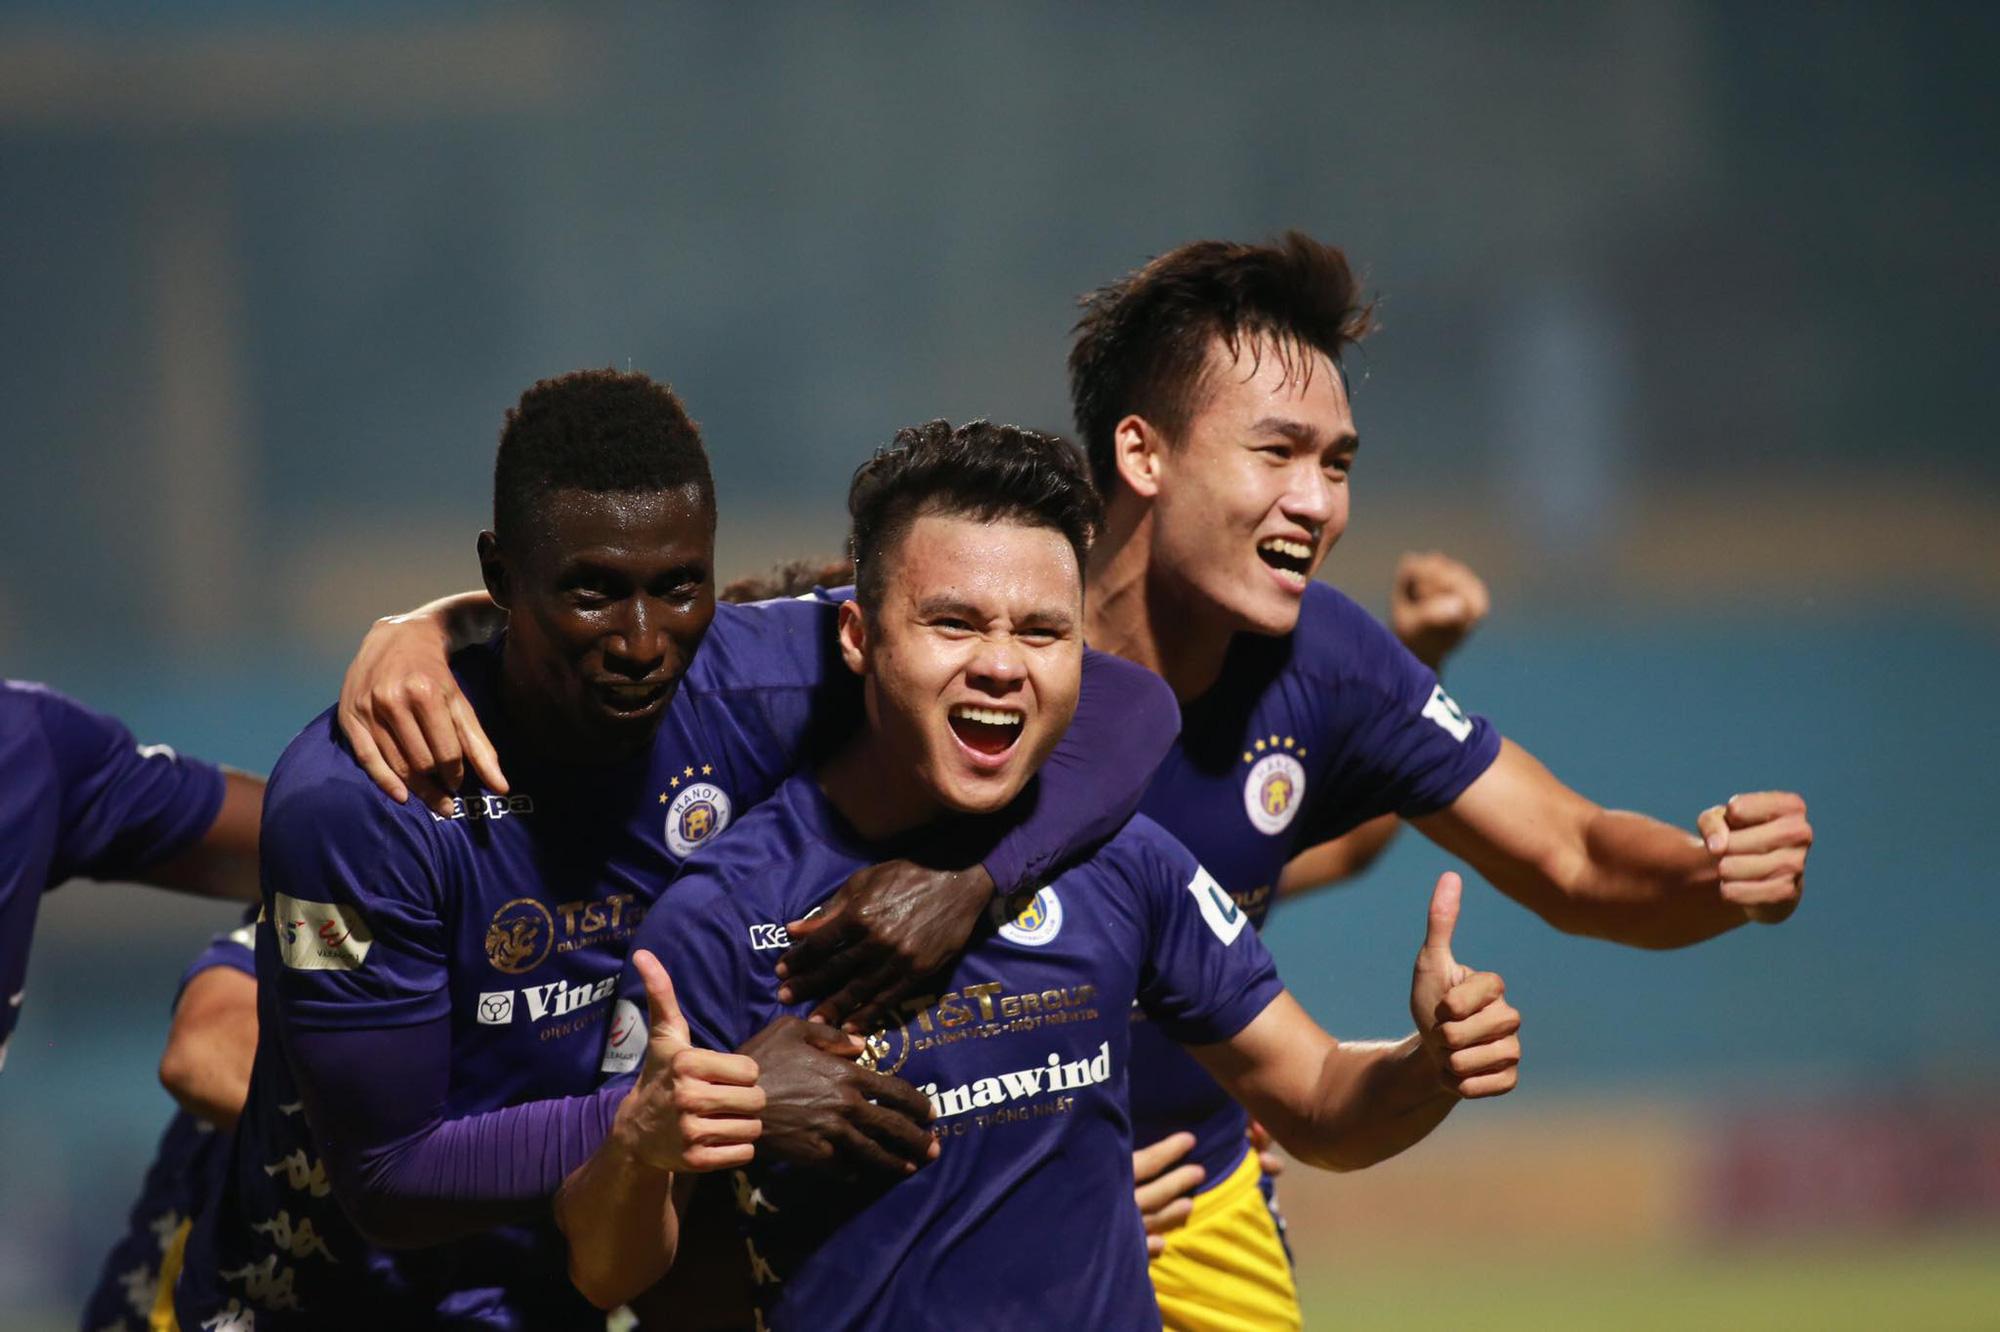 Tin sáng (4/3): Top 10 CLB giá trị nhất ĐNÁ: V.League thua xa Thai-League - Ảnh 1.